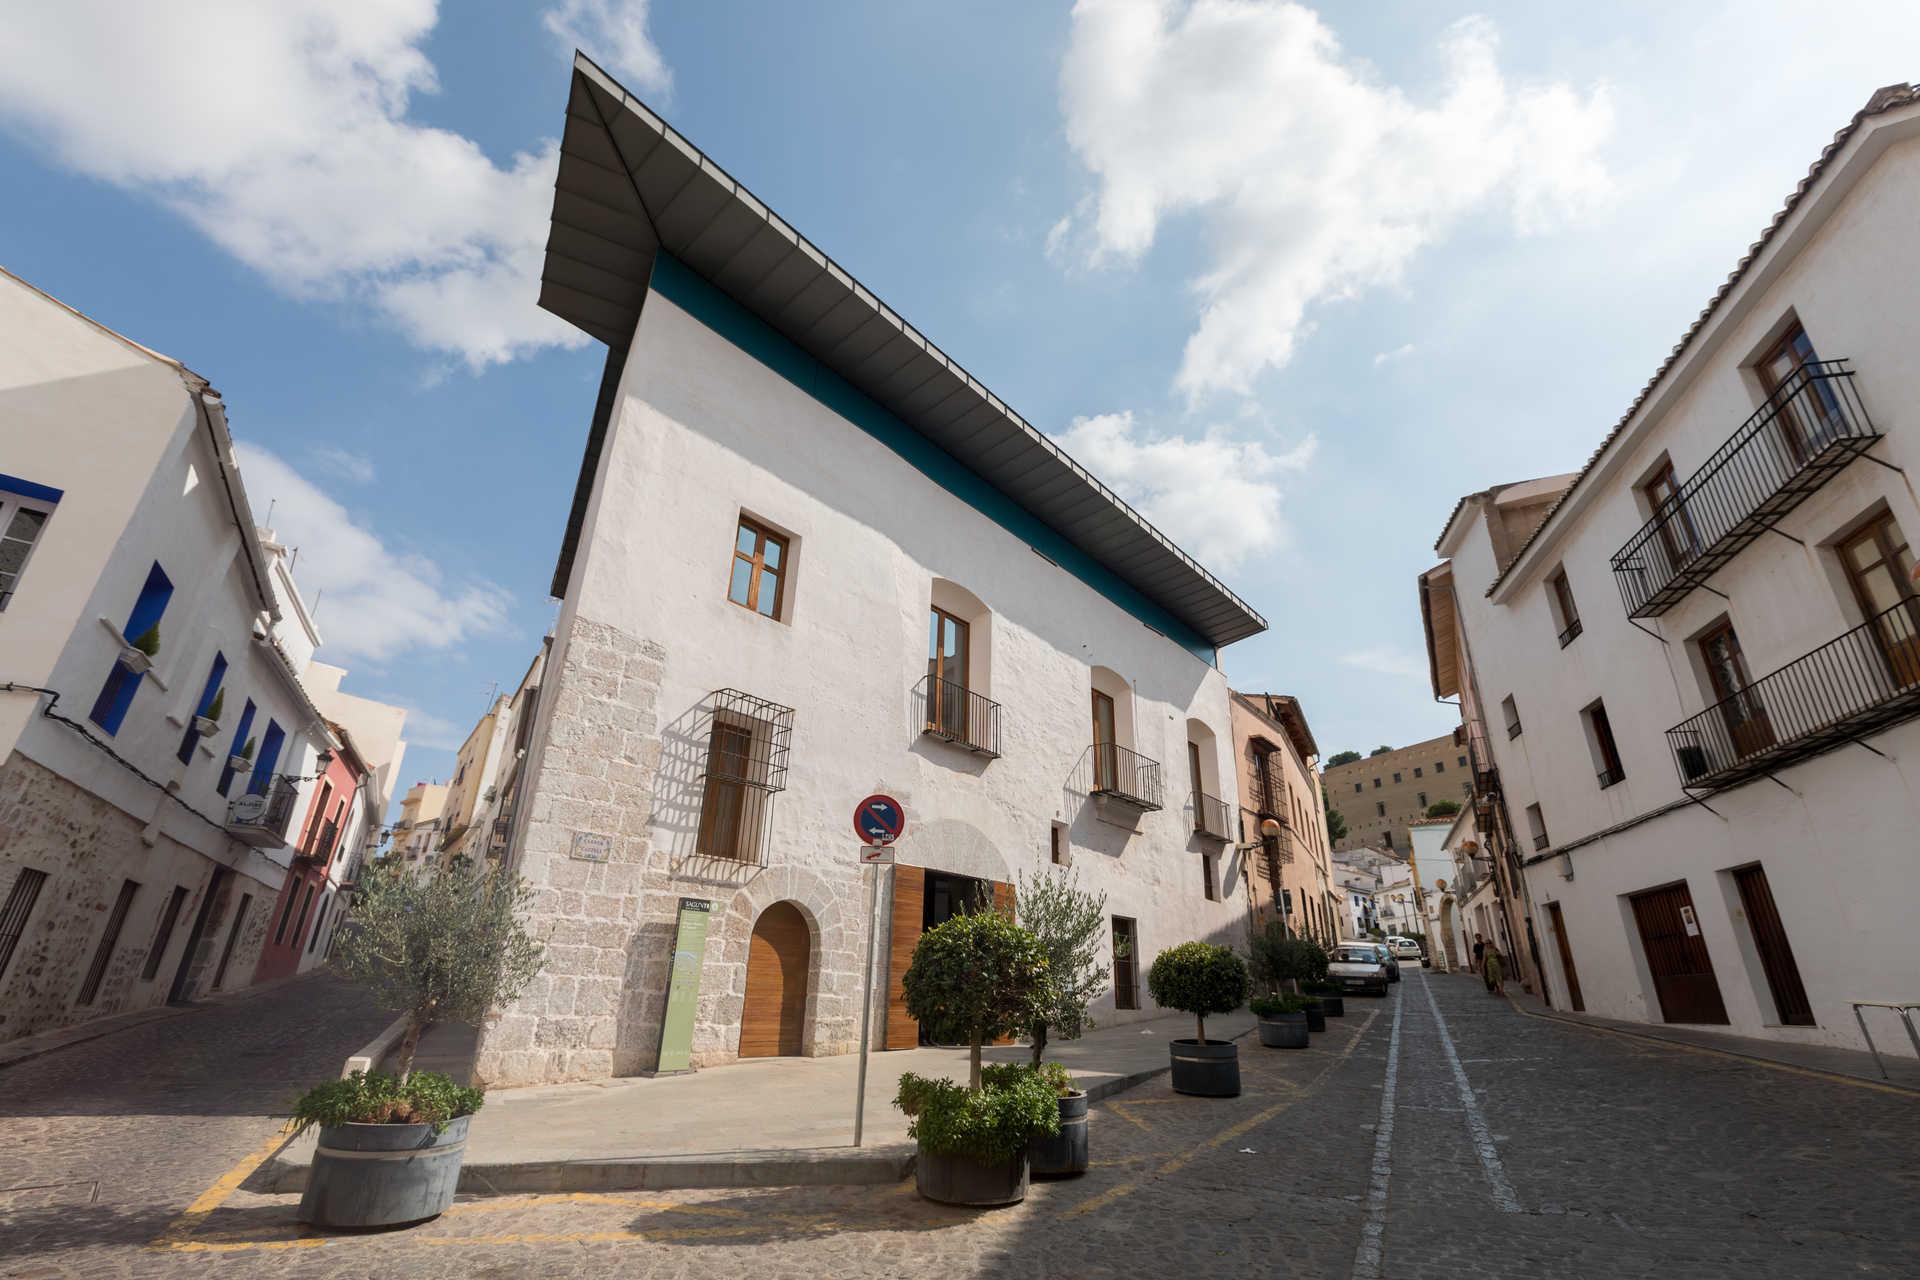 MUHSAG: Museo Histórico de Sagunto